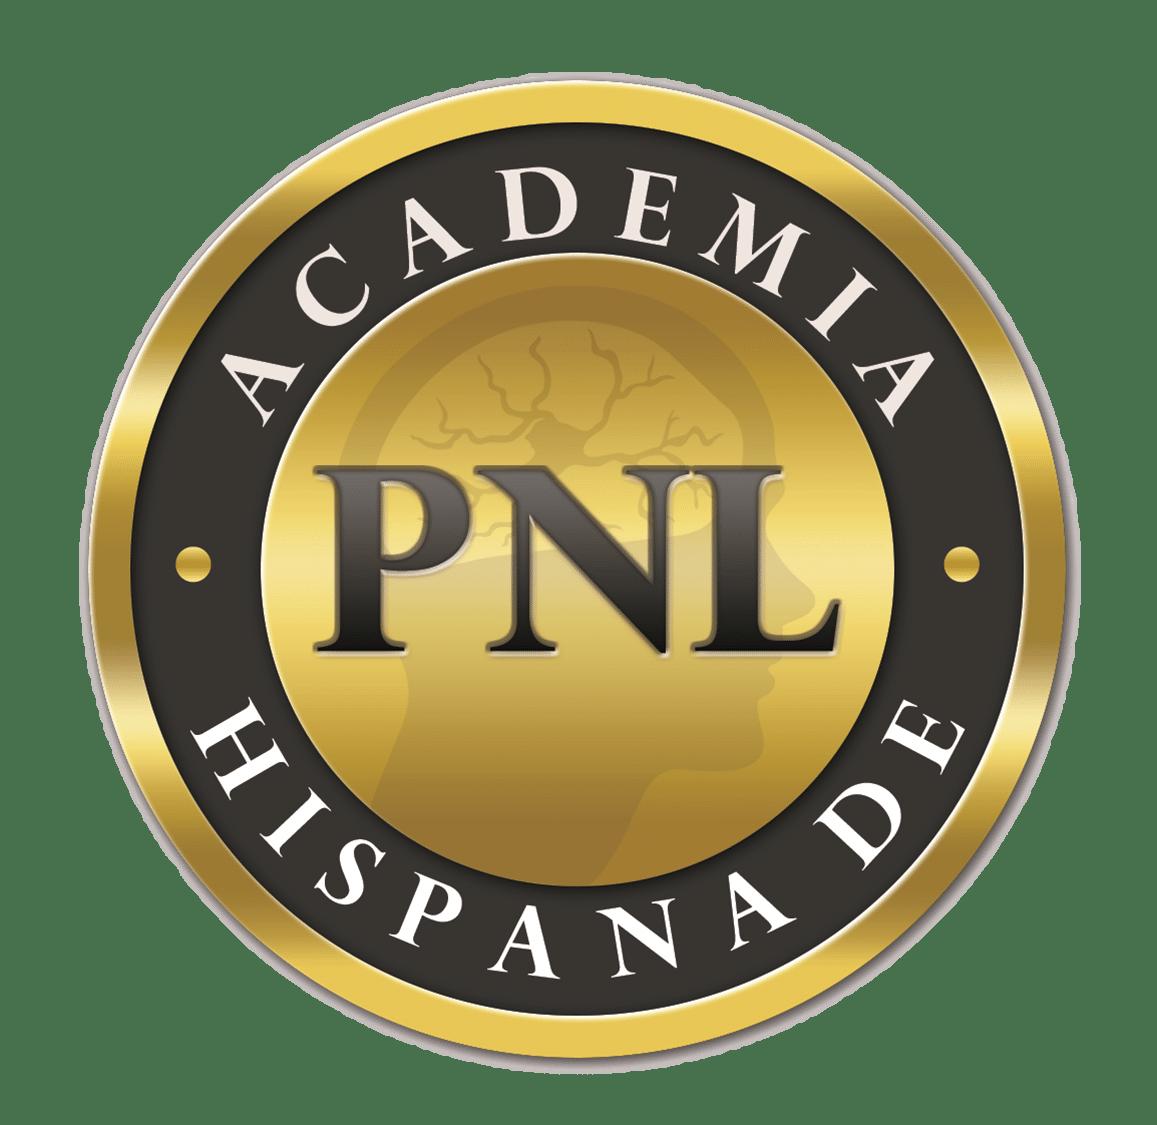 logo ahdpnl